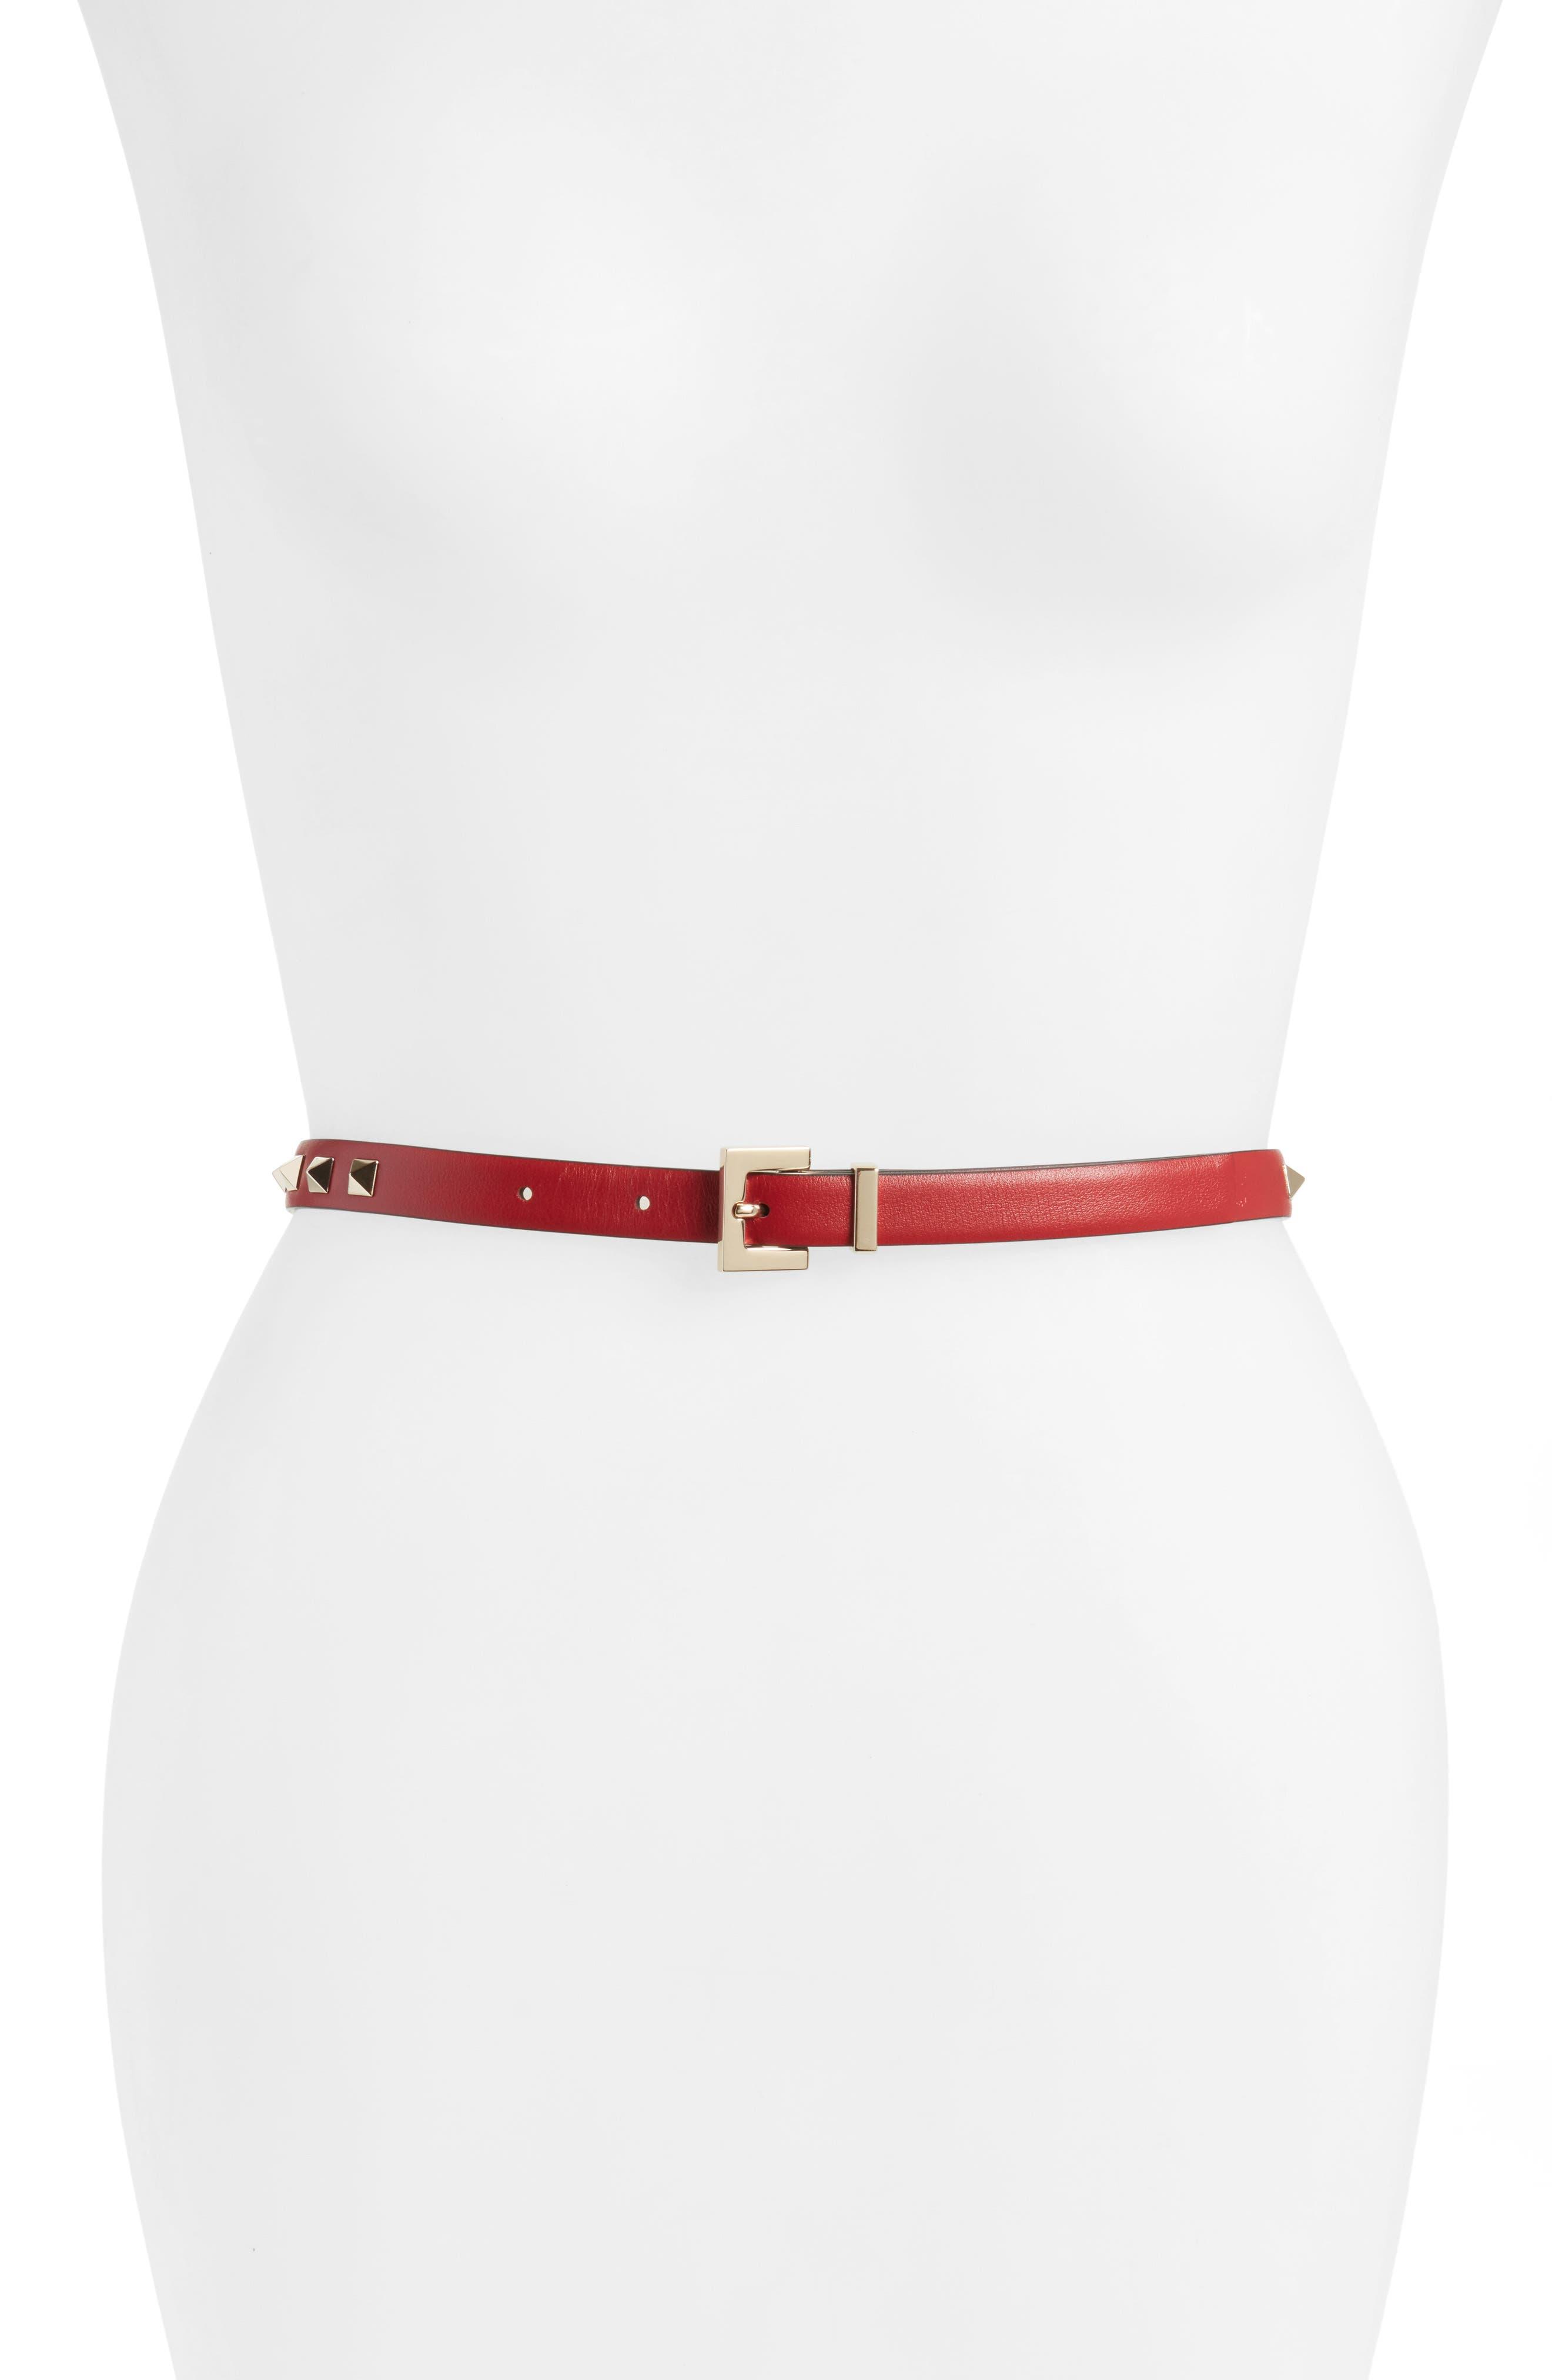 Alternate Image 1 Selected - VALENTINO GARAVANI Rockstud Leather Belt